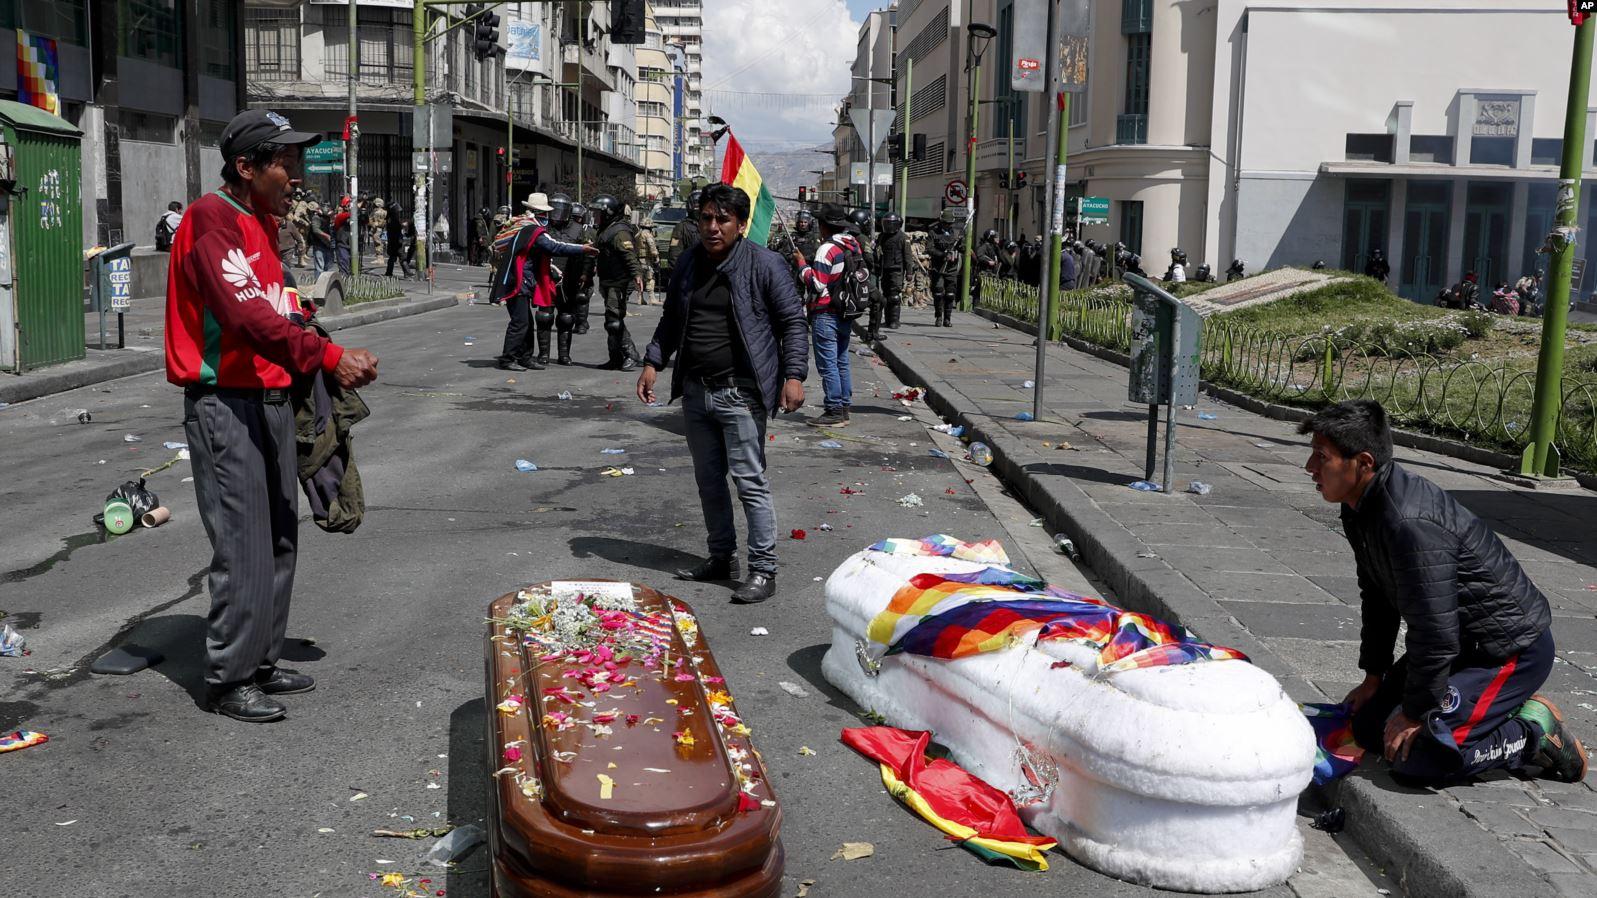 Personas rodean los féretros de algunos de los fallecidos en las protestas en Bolivia, distintas organizaciones civiles acusan a la policía de uso excesivo de la fuerza / AP